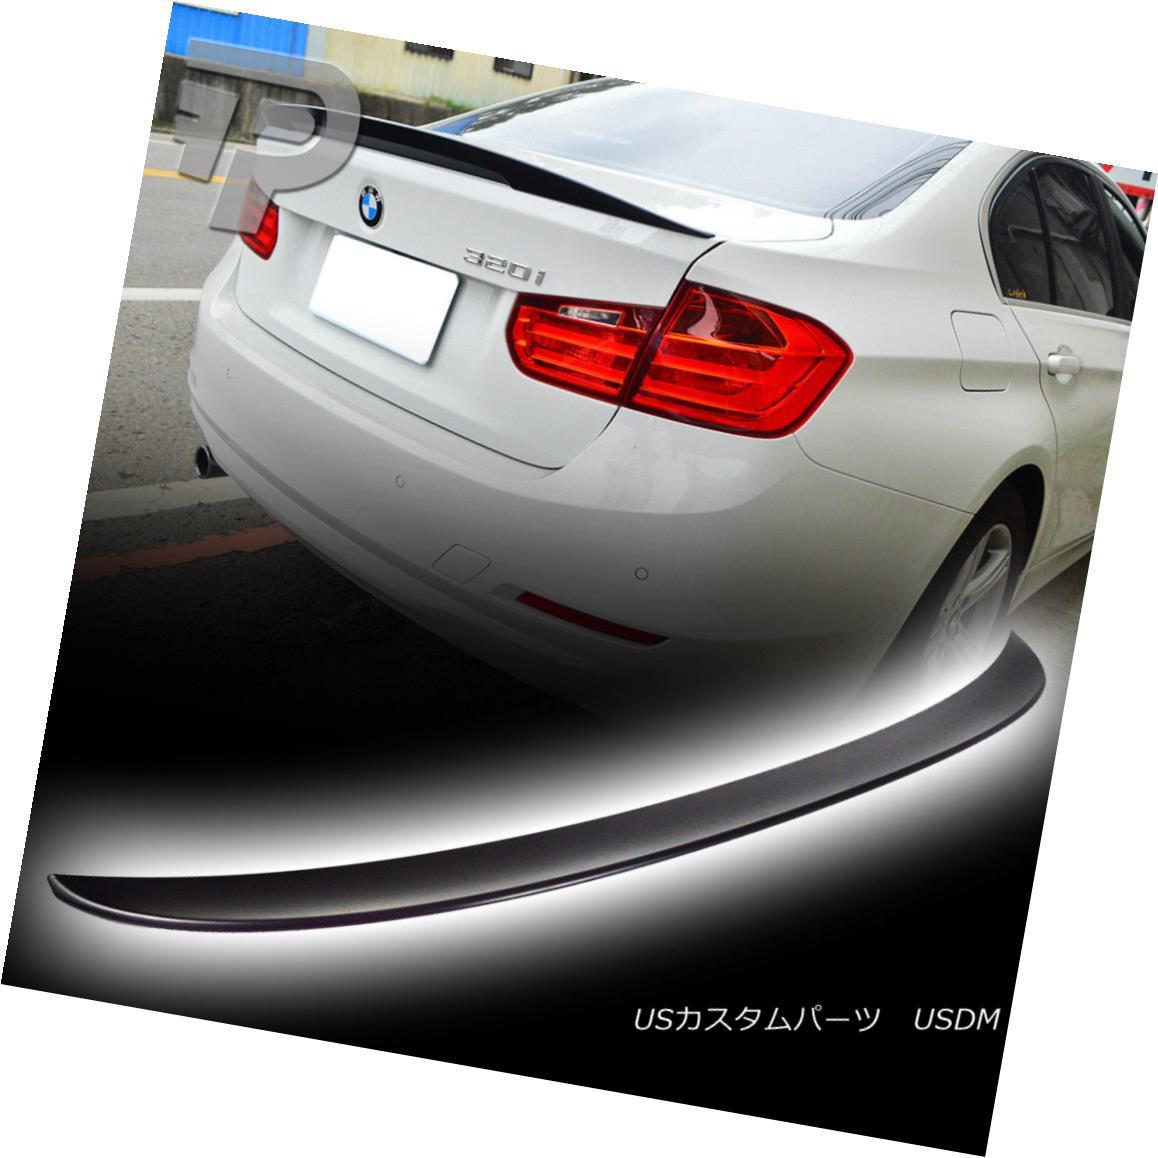 エアロパーツ 2012up Painted black #668 BMW 3-Ser F80 F30 M3 Sedan P Style Rear Trunk Spoiler 2012up黒塗装#668 BMW 3-Ser F80 F30 M3セダンPスタイル後部トランク・スポイラー